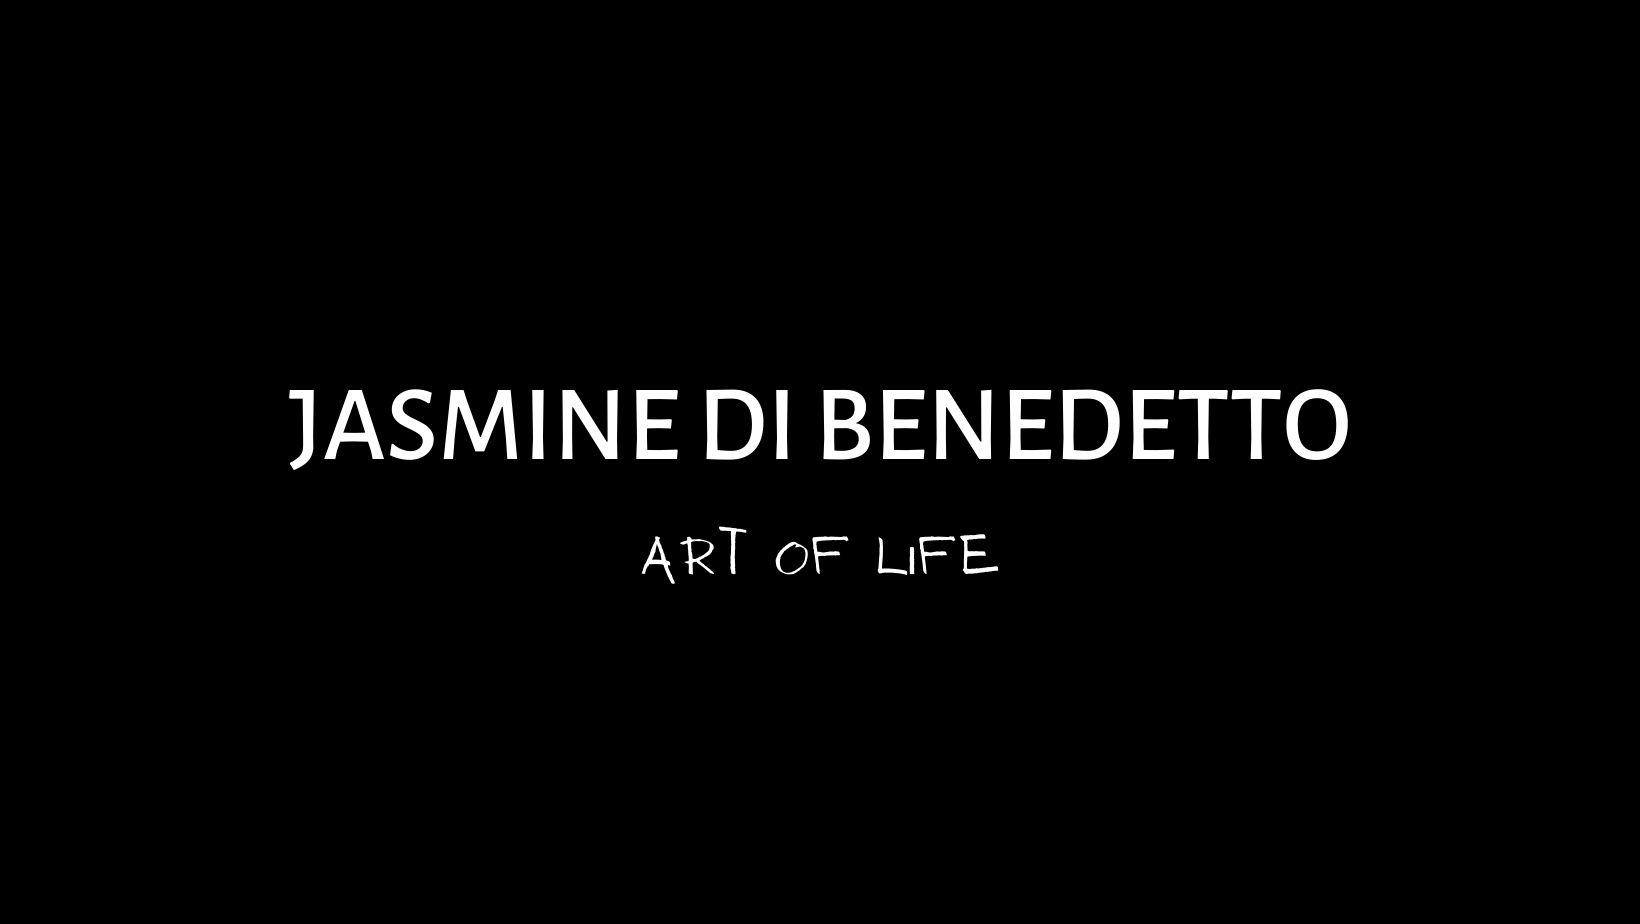 Jasmine Di Benedetto